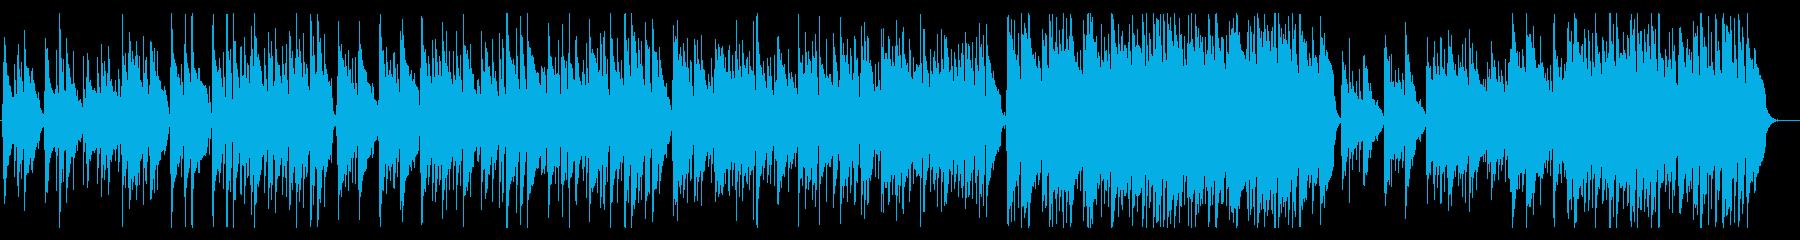 アコギとハープ主体の寂しく悲しげなBGMの再生済みの波形